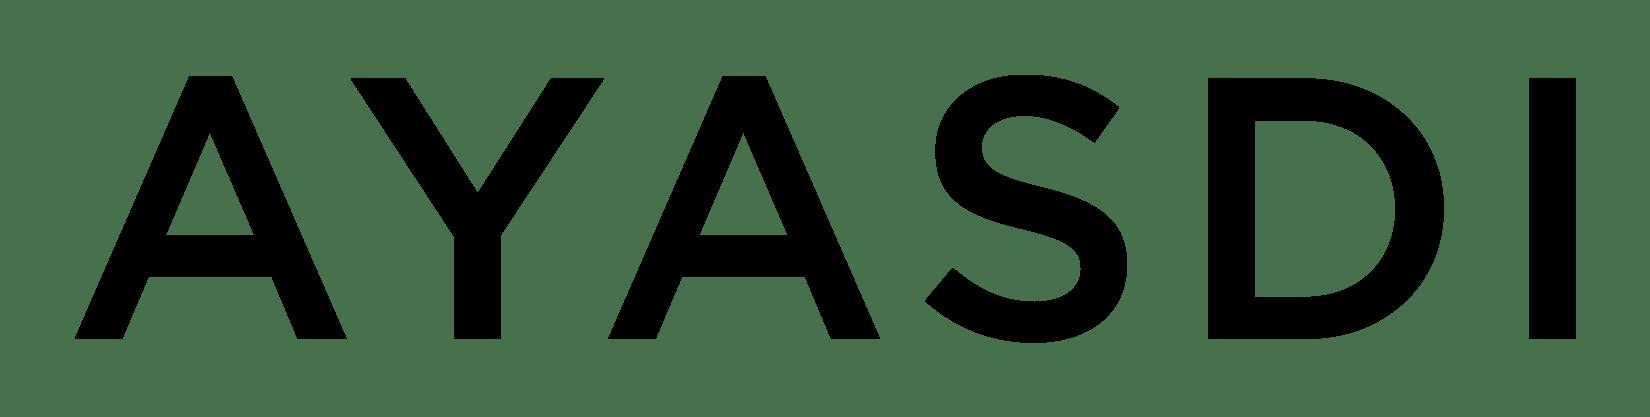 Ayasdi company logo